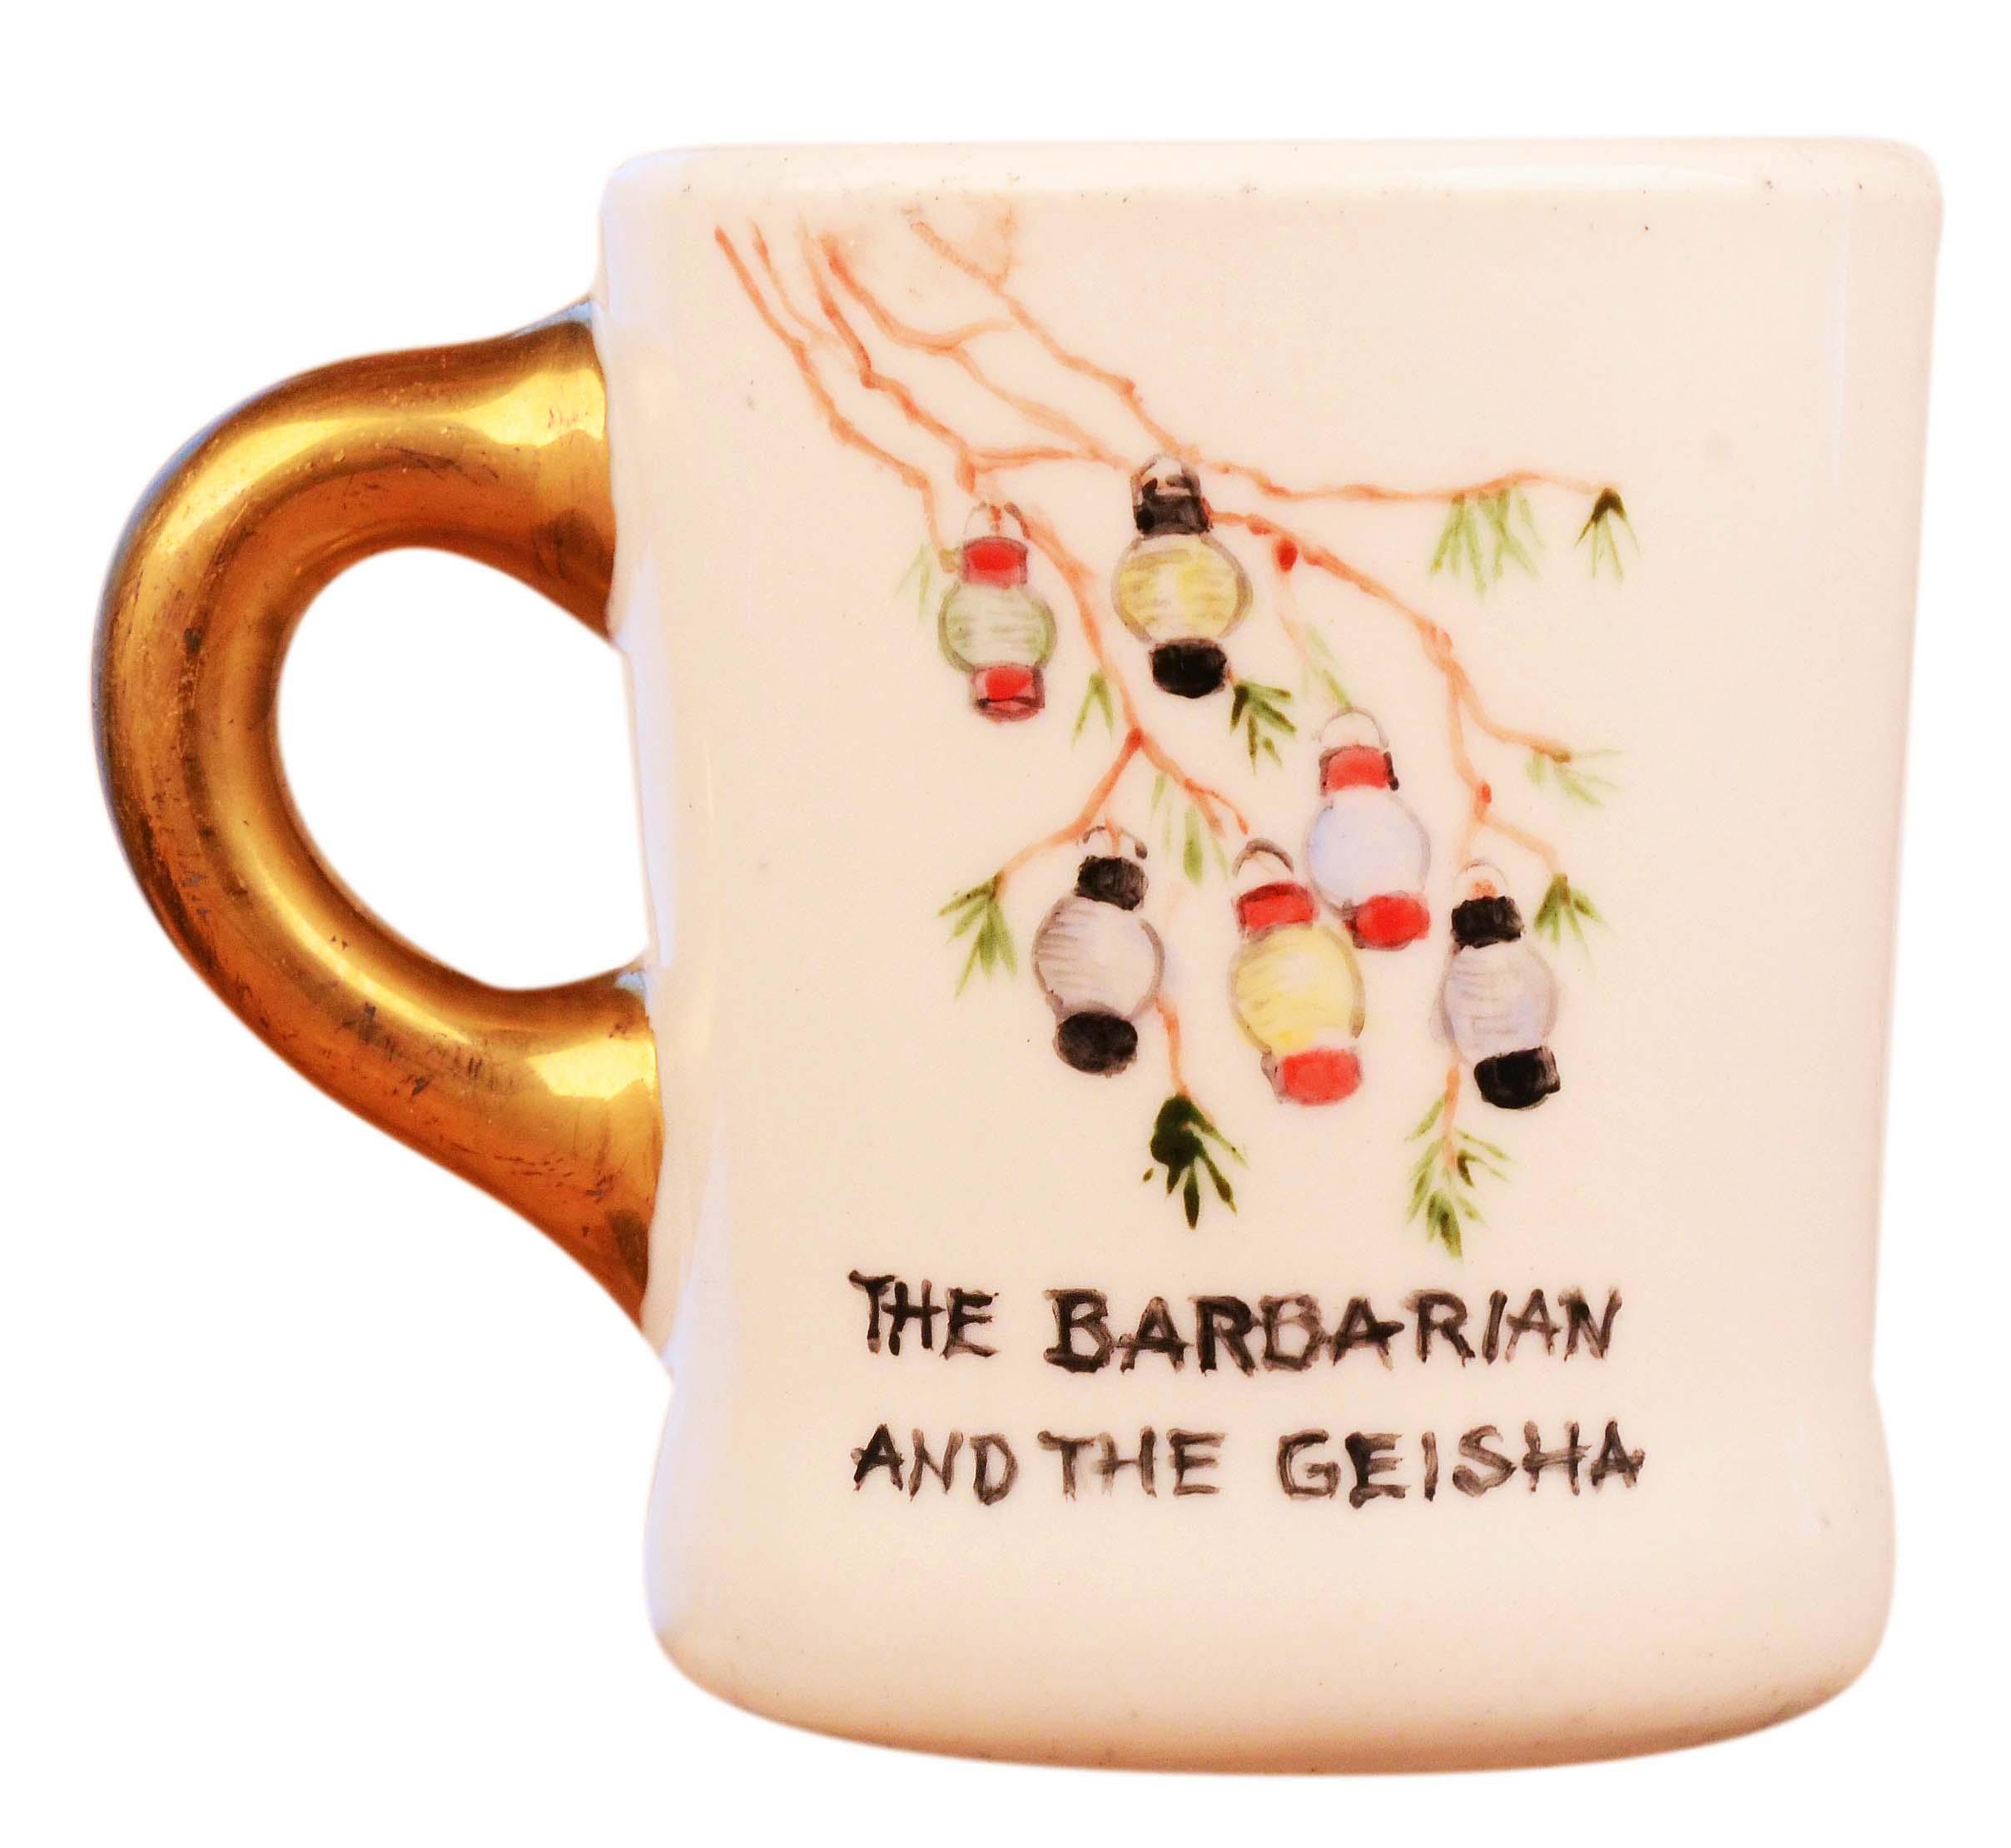 John Wayne mug for the 1958 movie Barbarian and the Geisha, front.